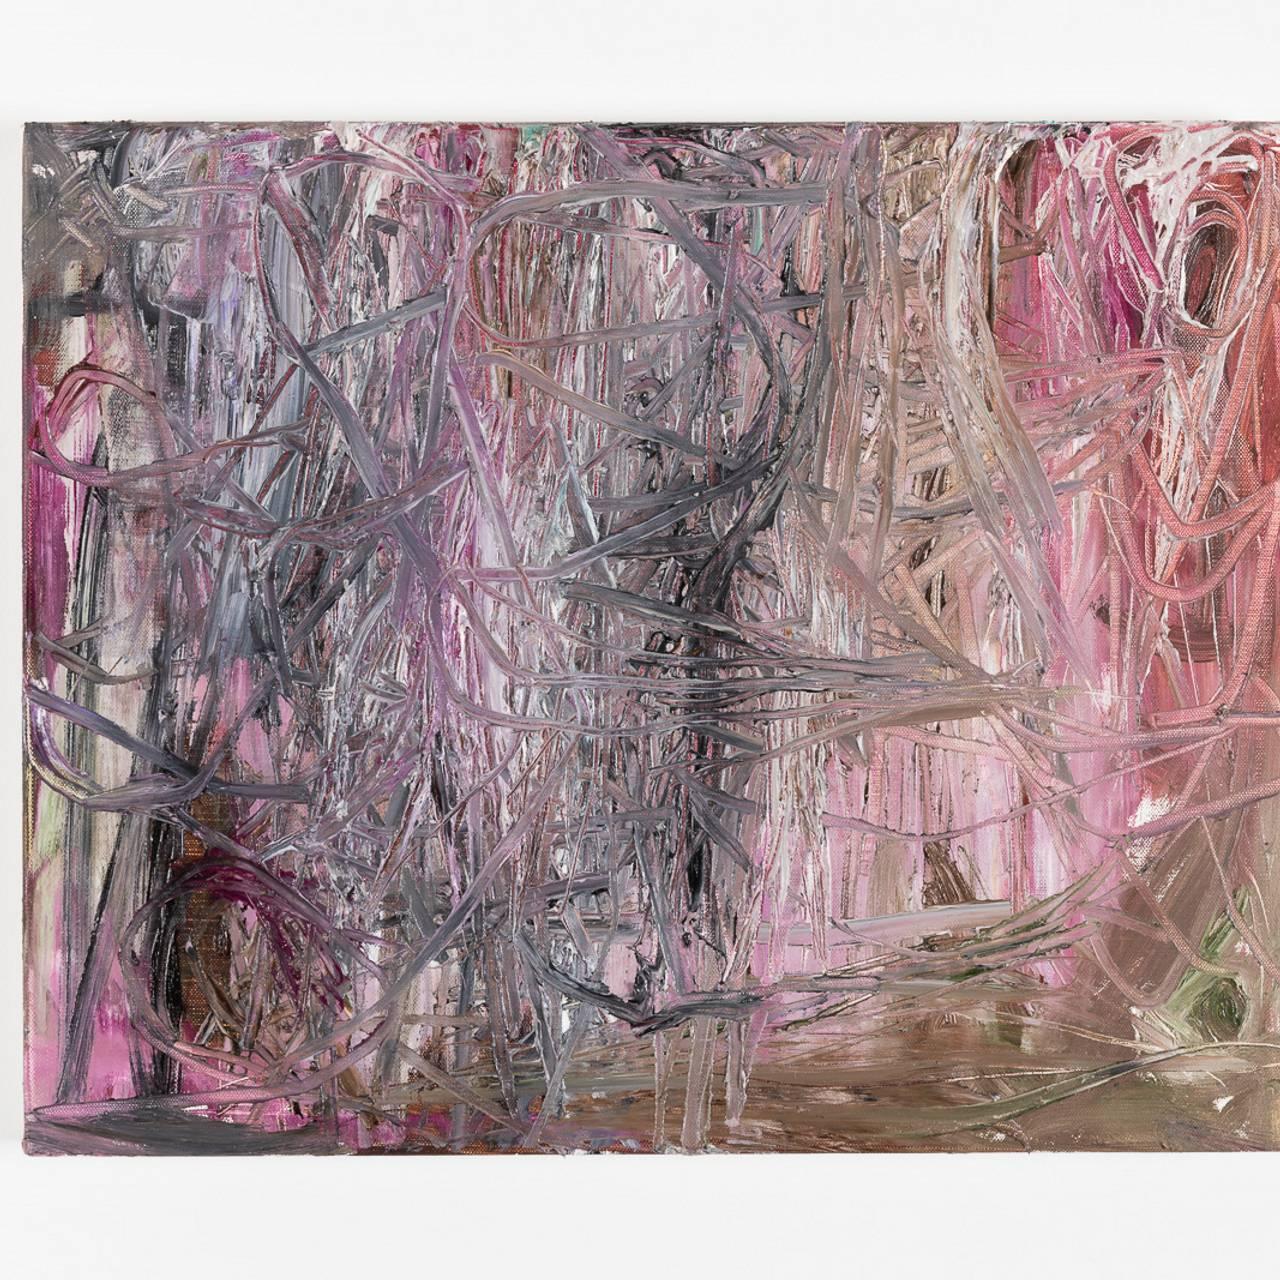 Olav Christopher Jenssen A Lucid Dream No. 05 2020 Olje på lerret 42 x 52 cm (OC m 1096)